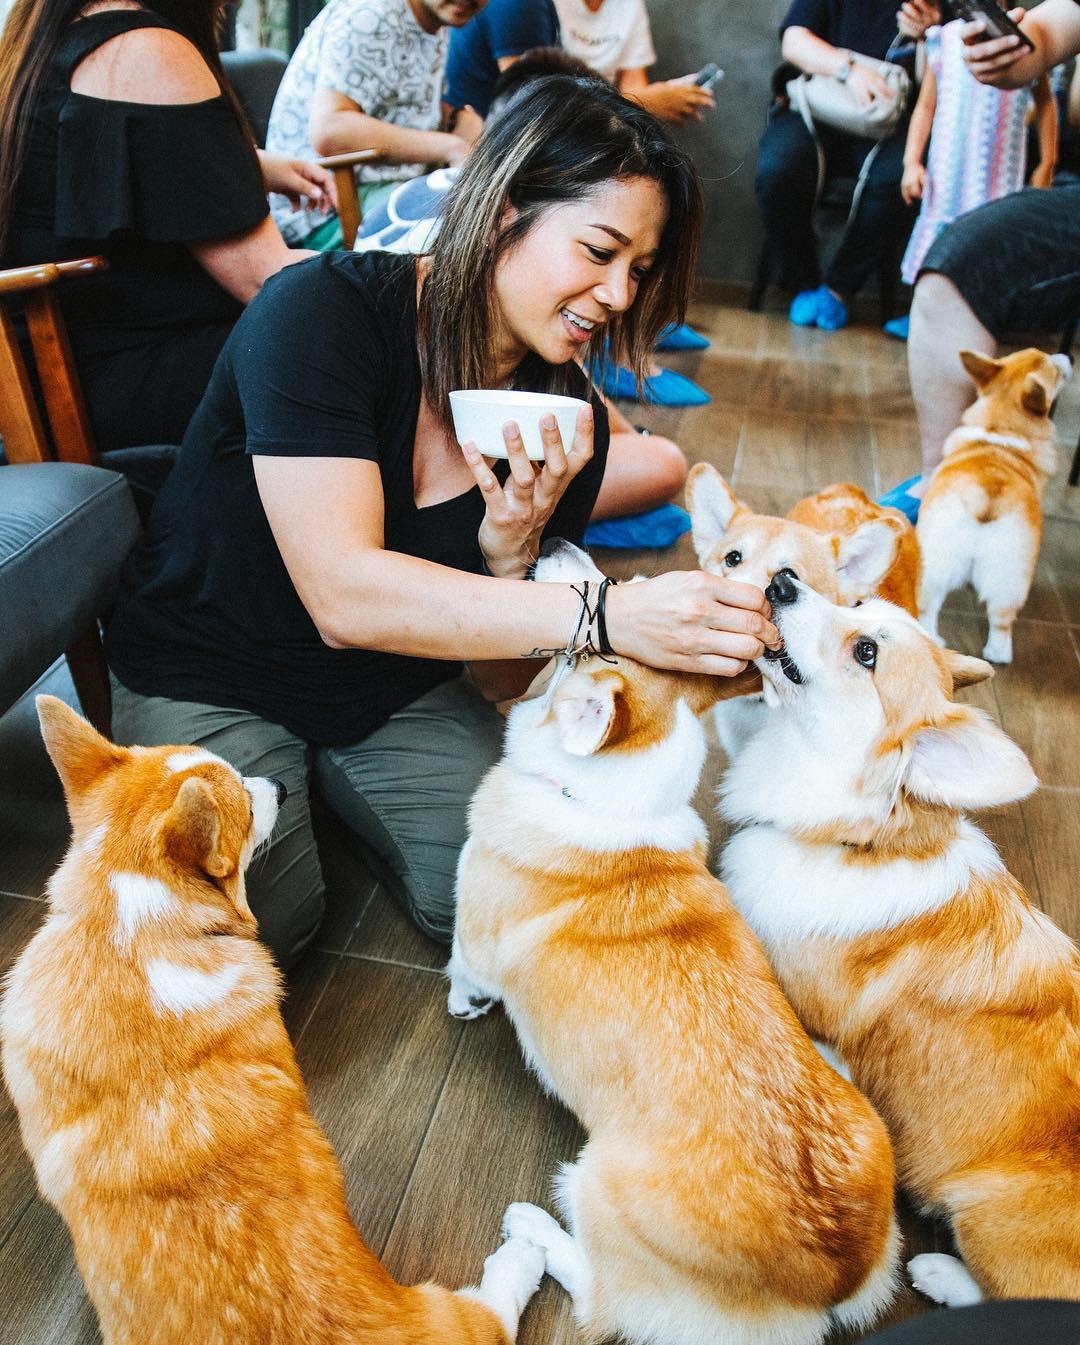 Siêu cấp dễ thương: Quán cà phê chó corgi nổi tiếng nhất Bangkok khiến dân tình phát sốt, con nào con nấy cũng ú nu ú nần - Ảnh 11.